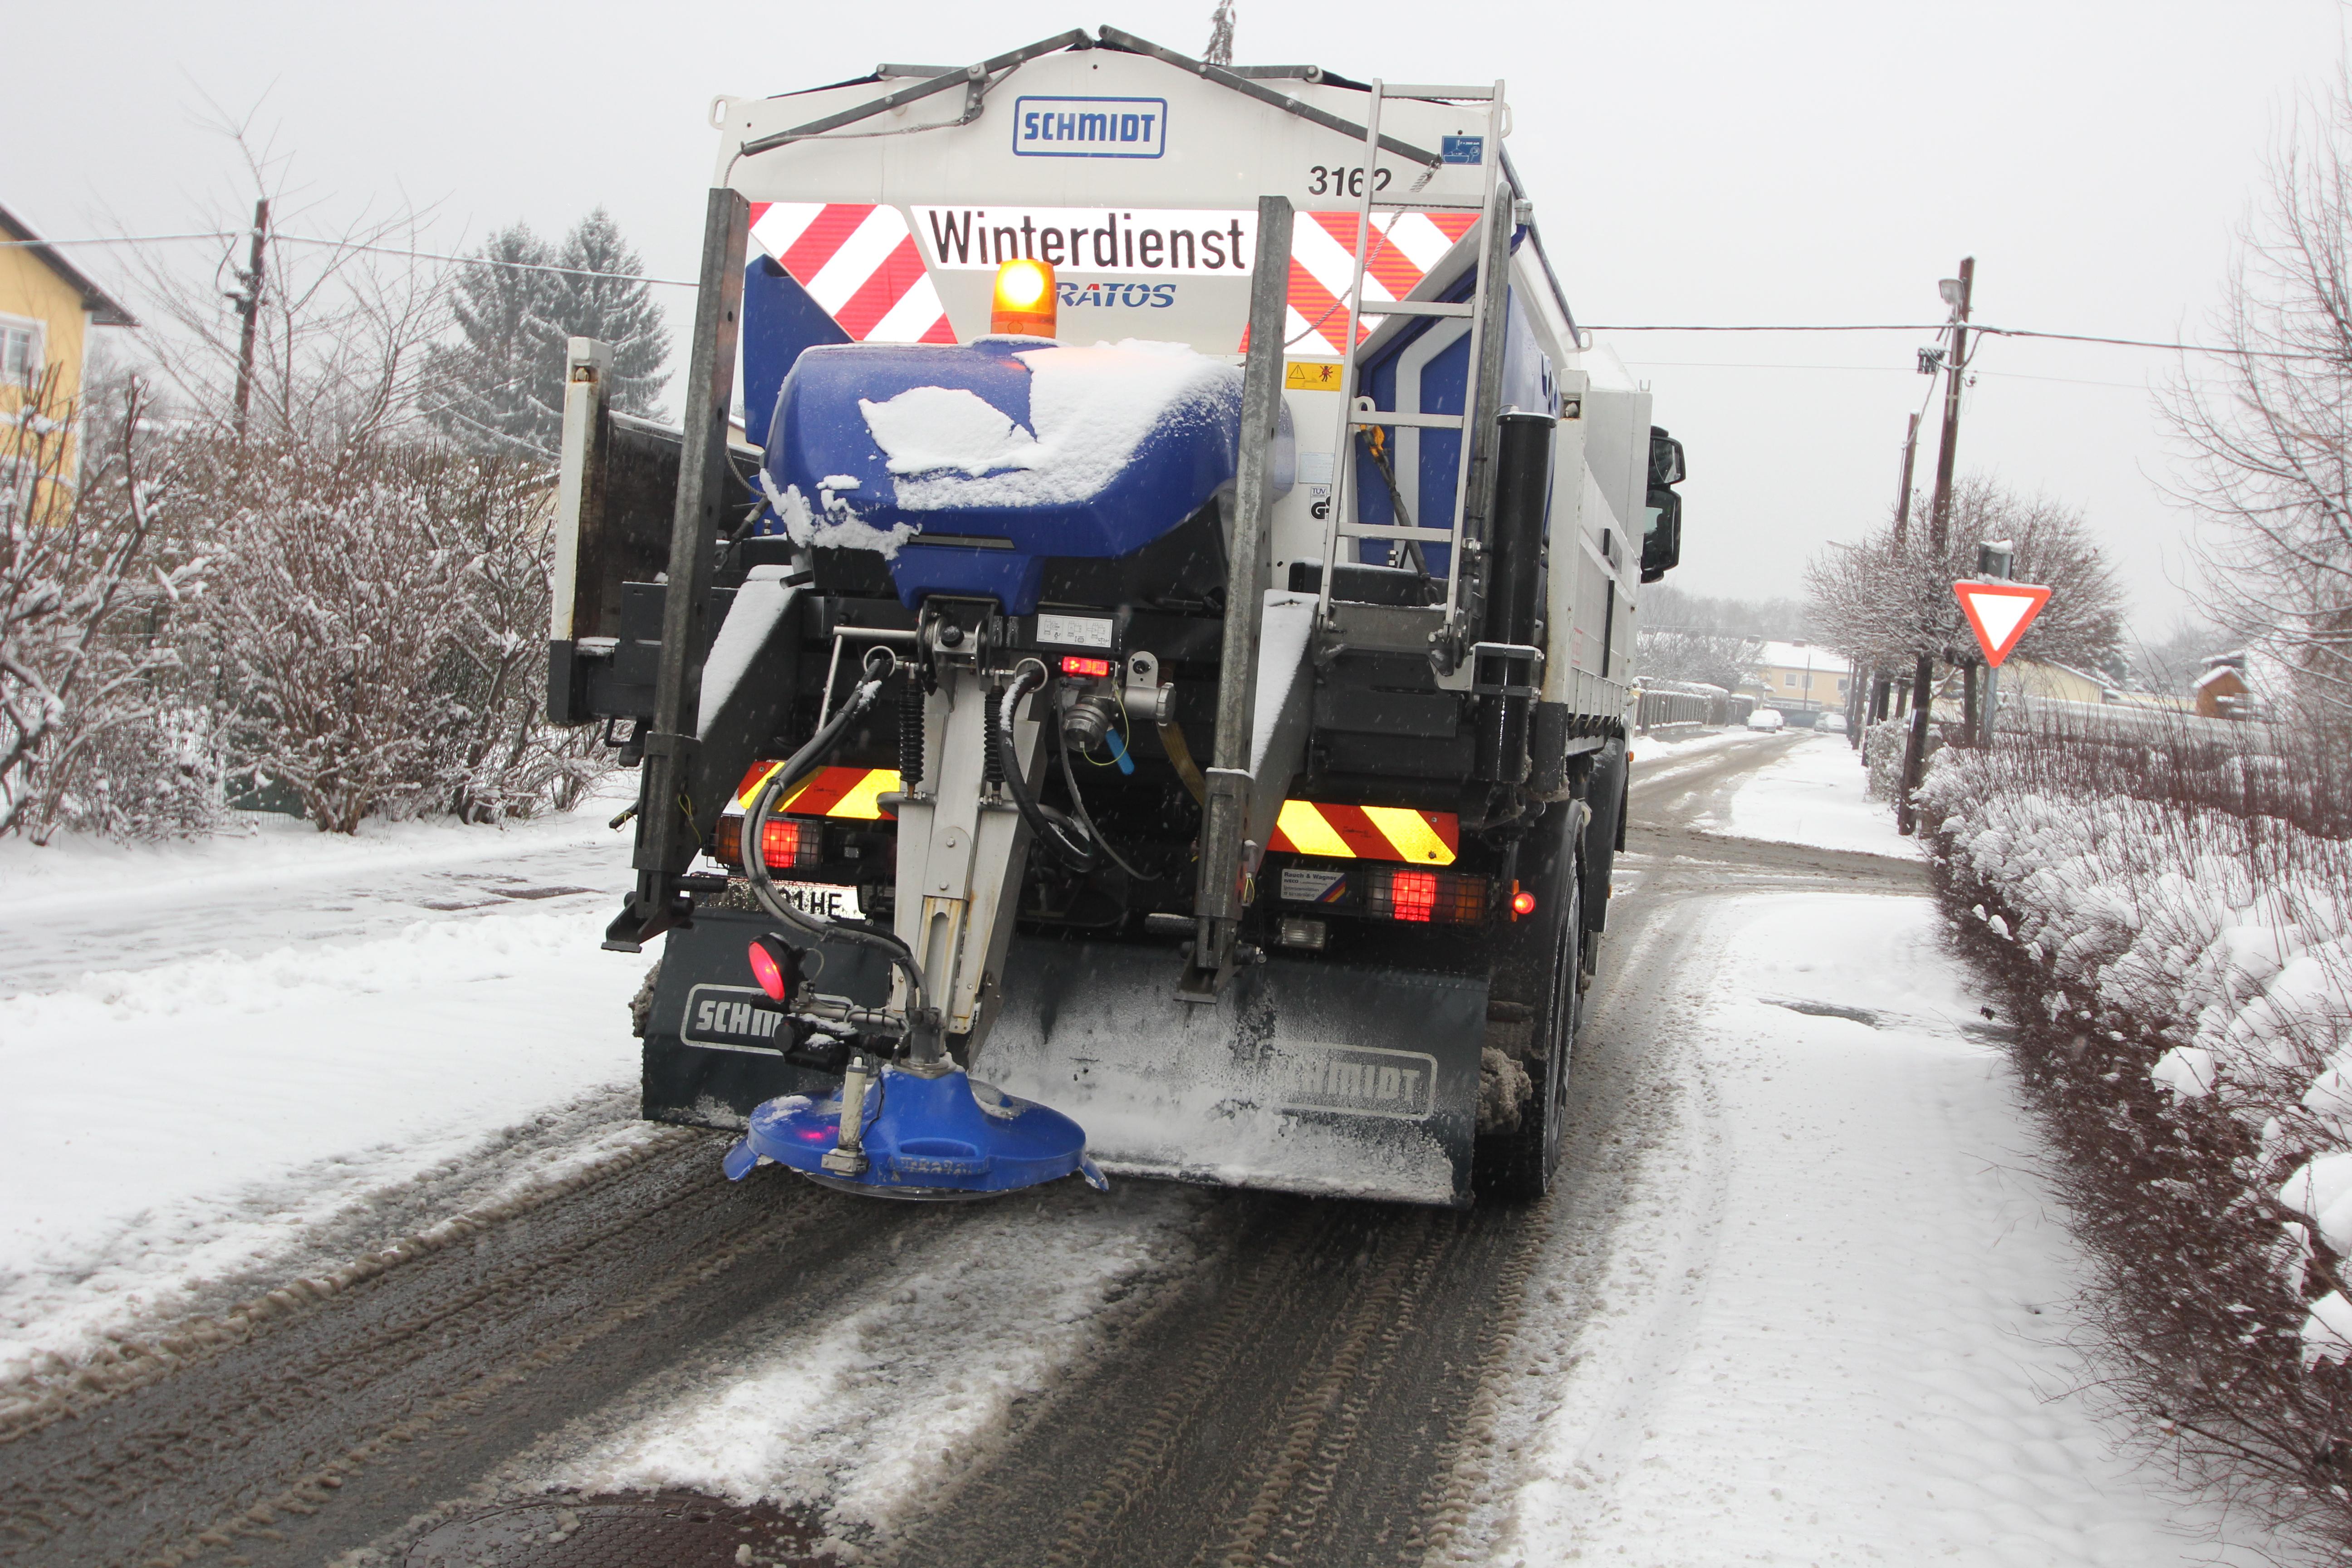 Winterdienst  File:Winterdienst mit Heimo, Salzstreuen im Jänner 2014 ...